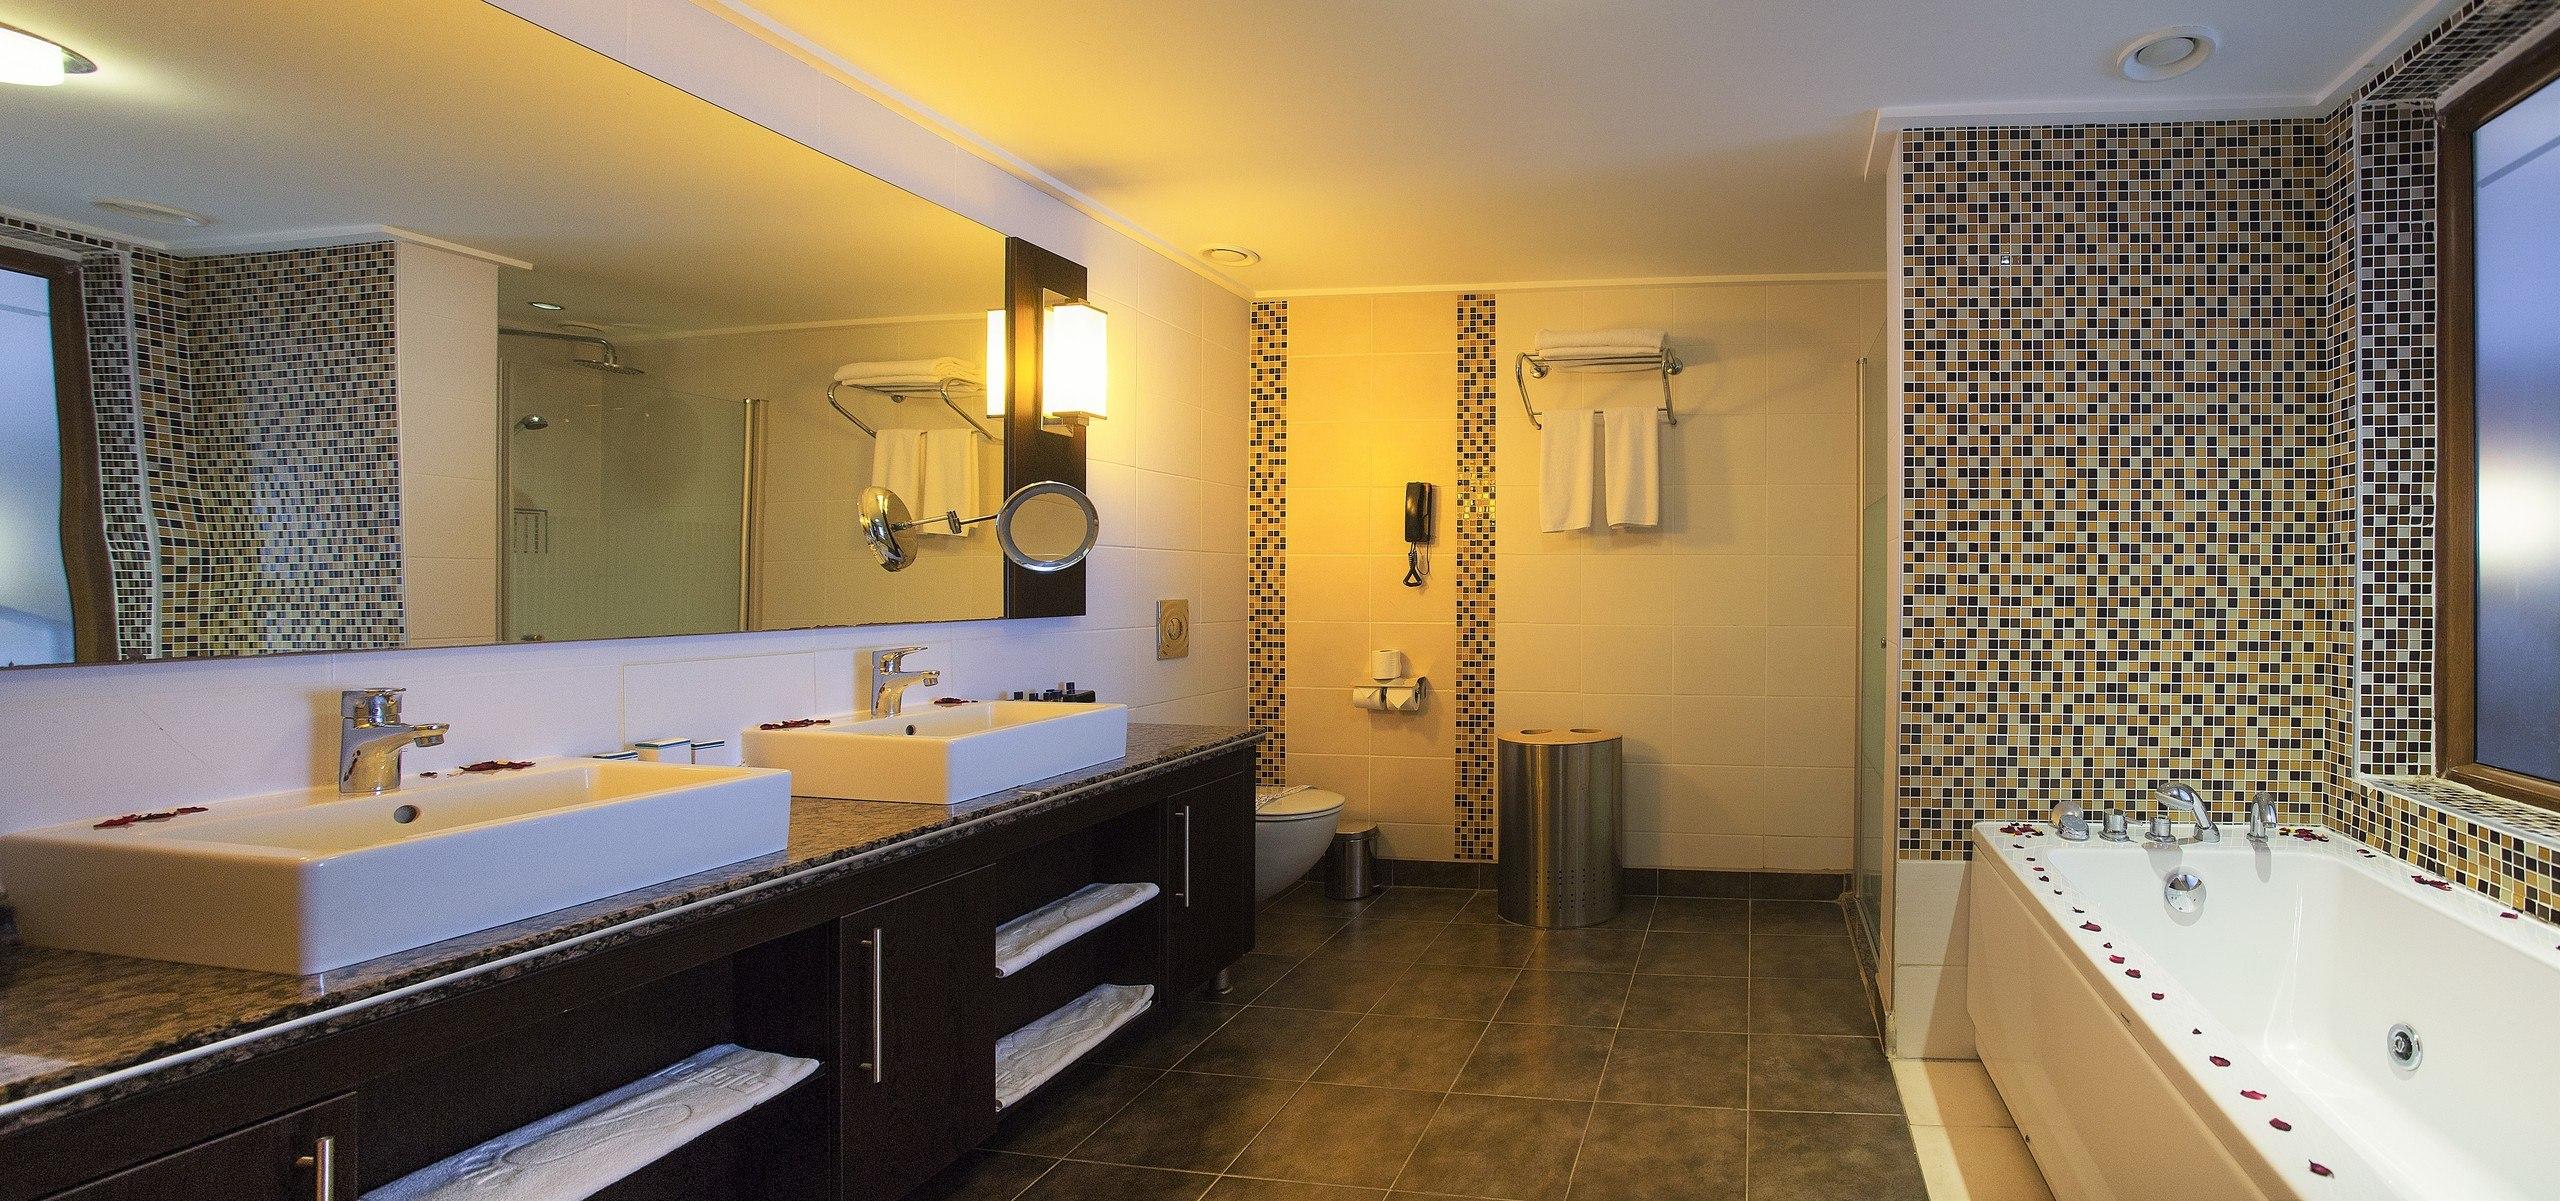 BERA HOTEL249367